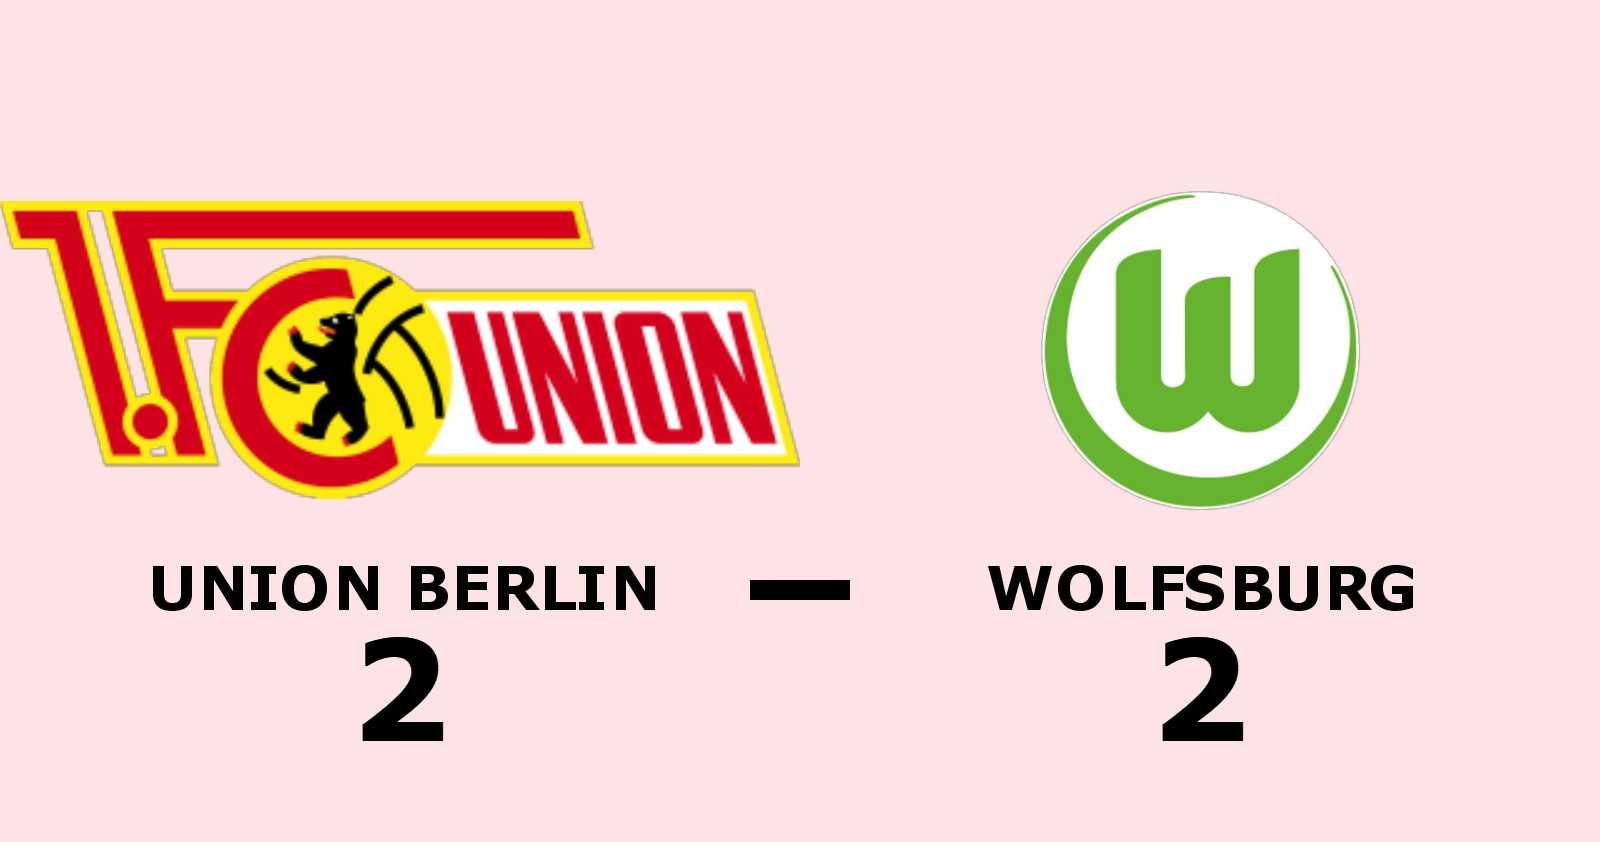 Wolfsburg hämtade i kapp underläge och kryssade mot Union Berlin